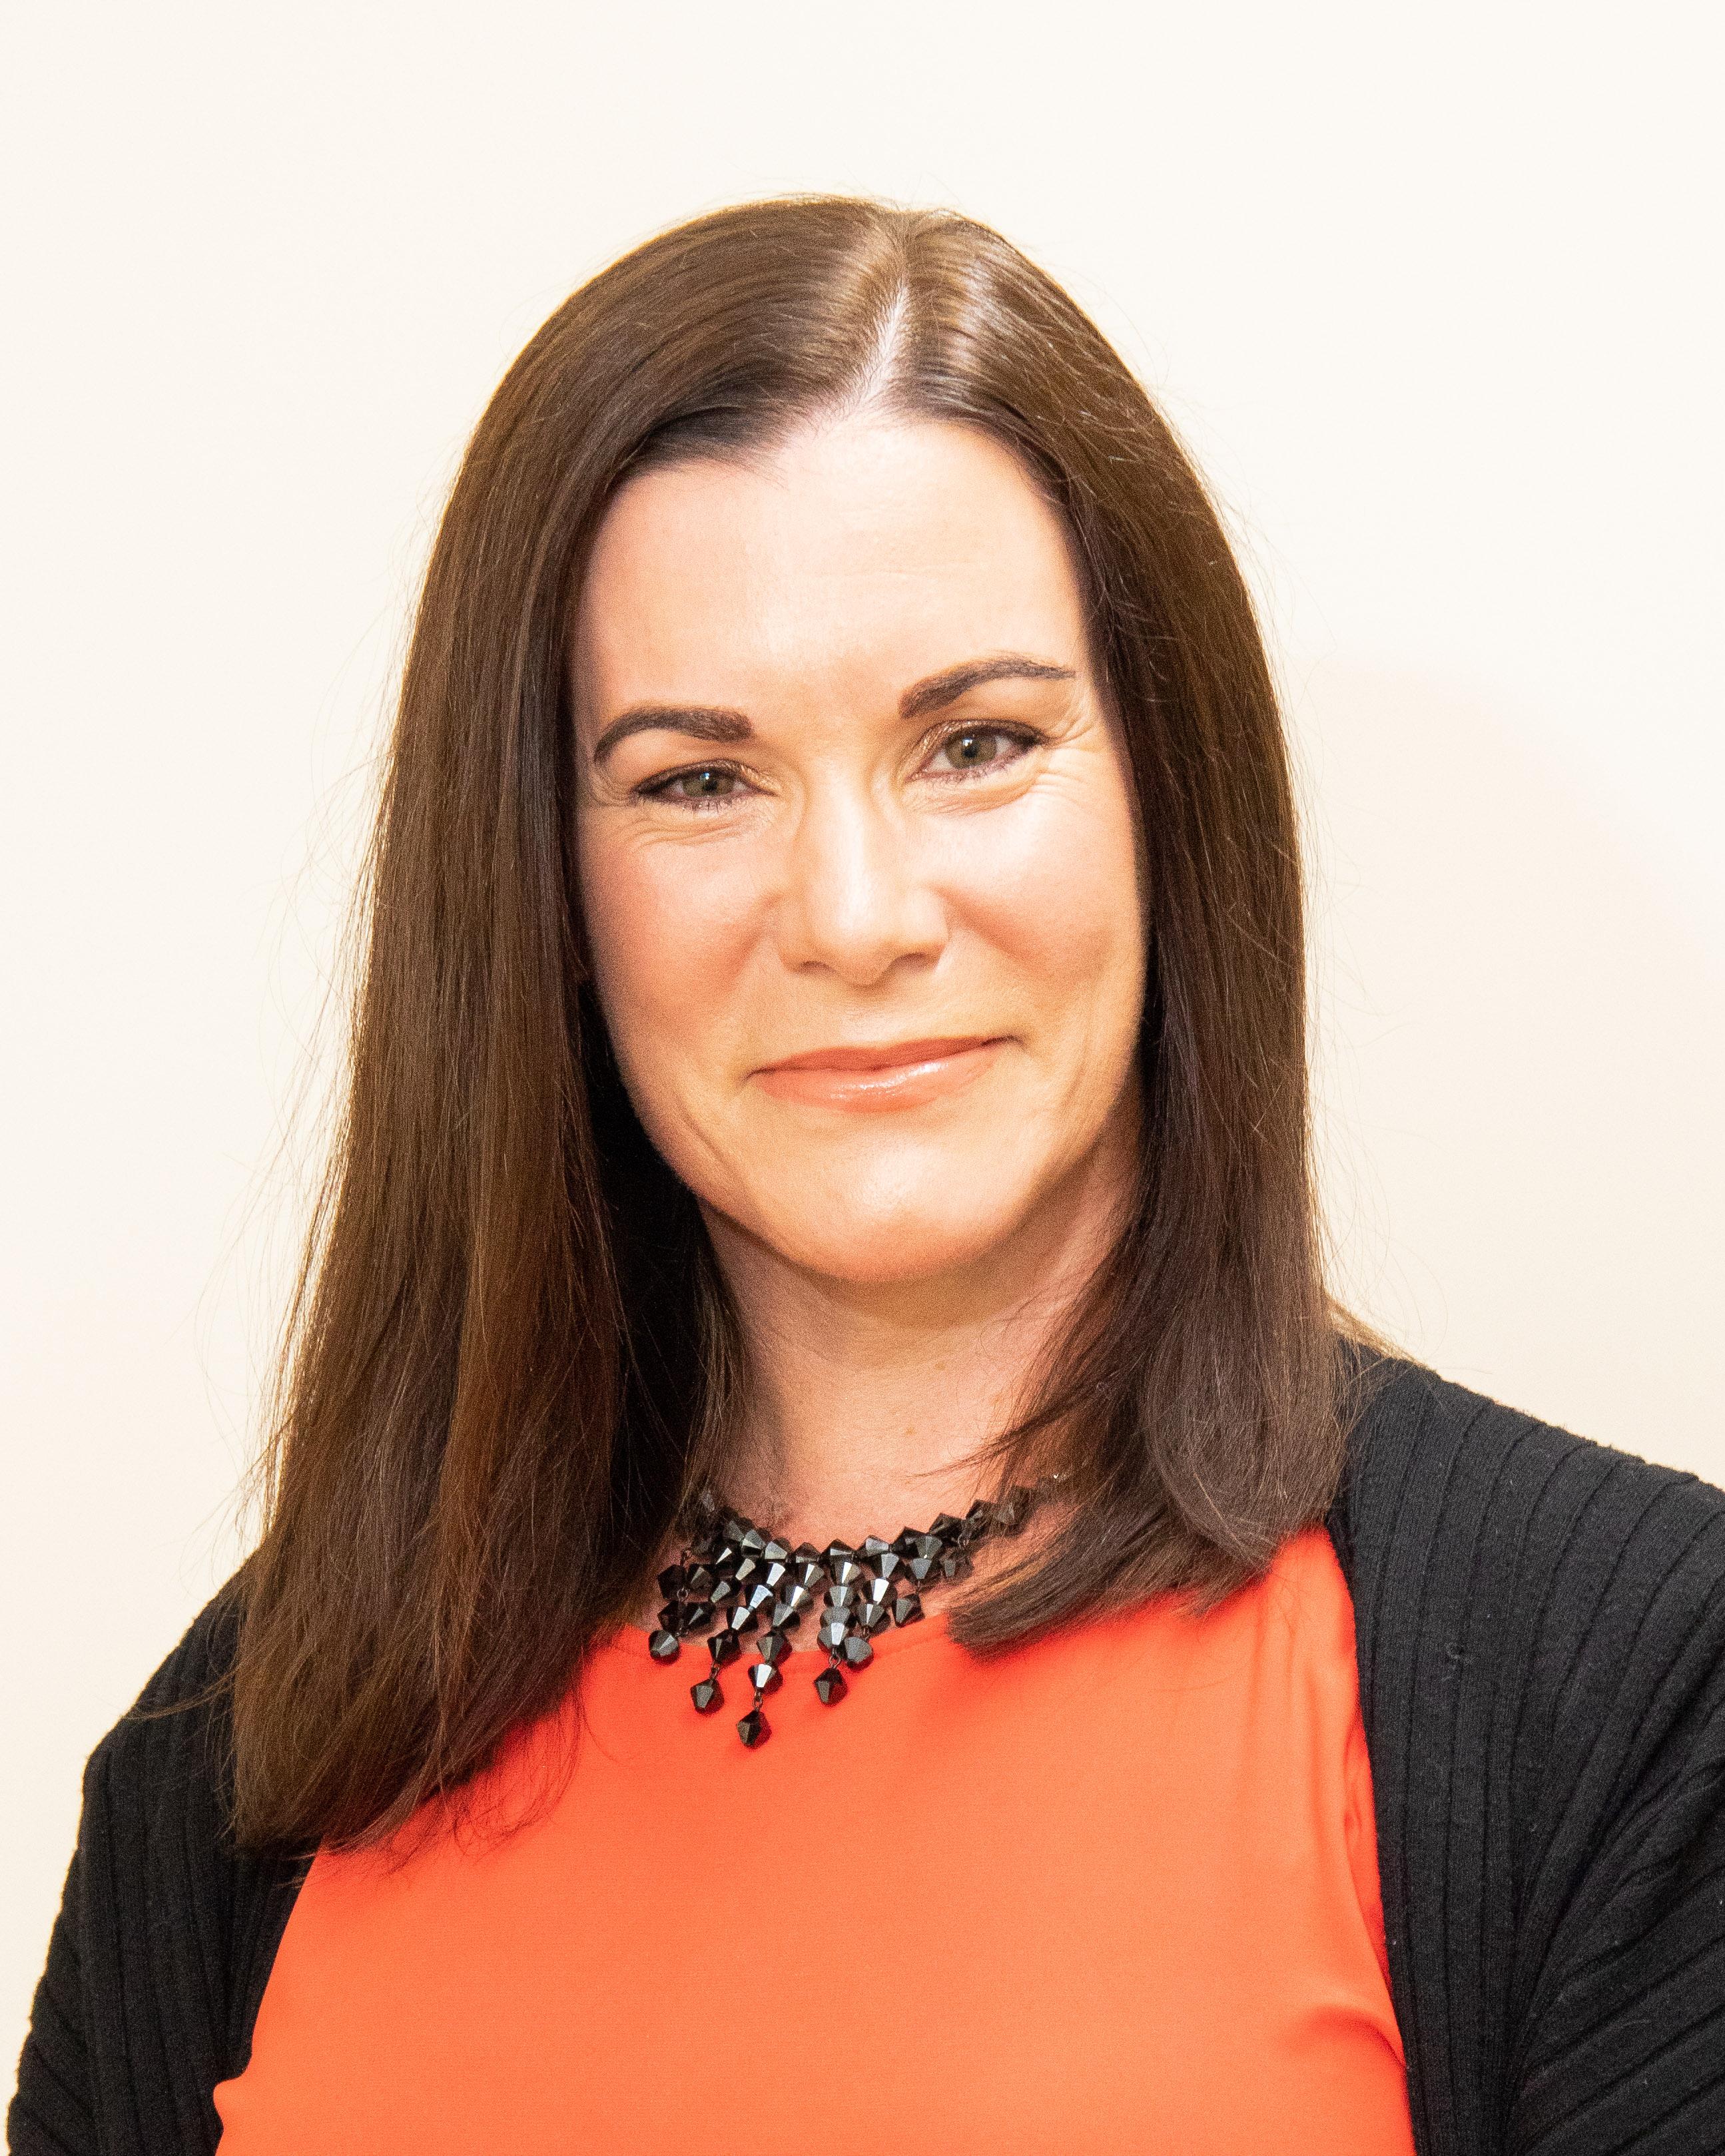 Heather Heward